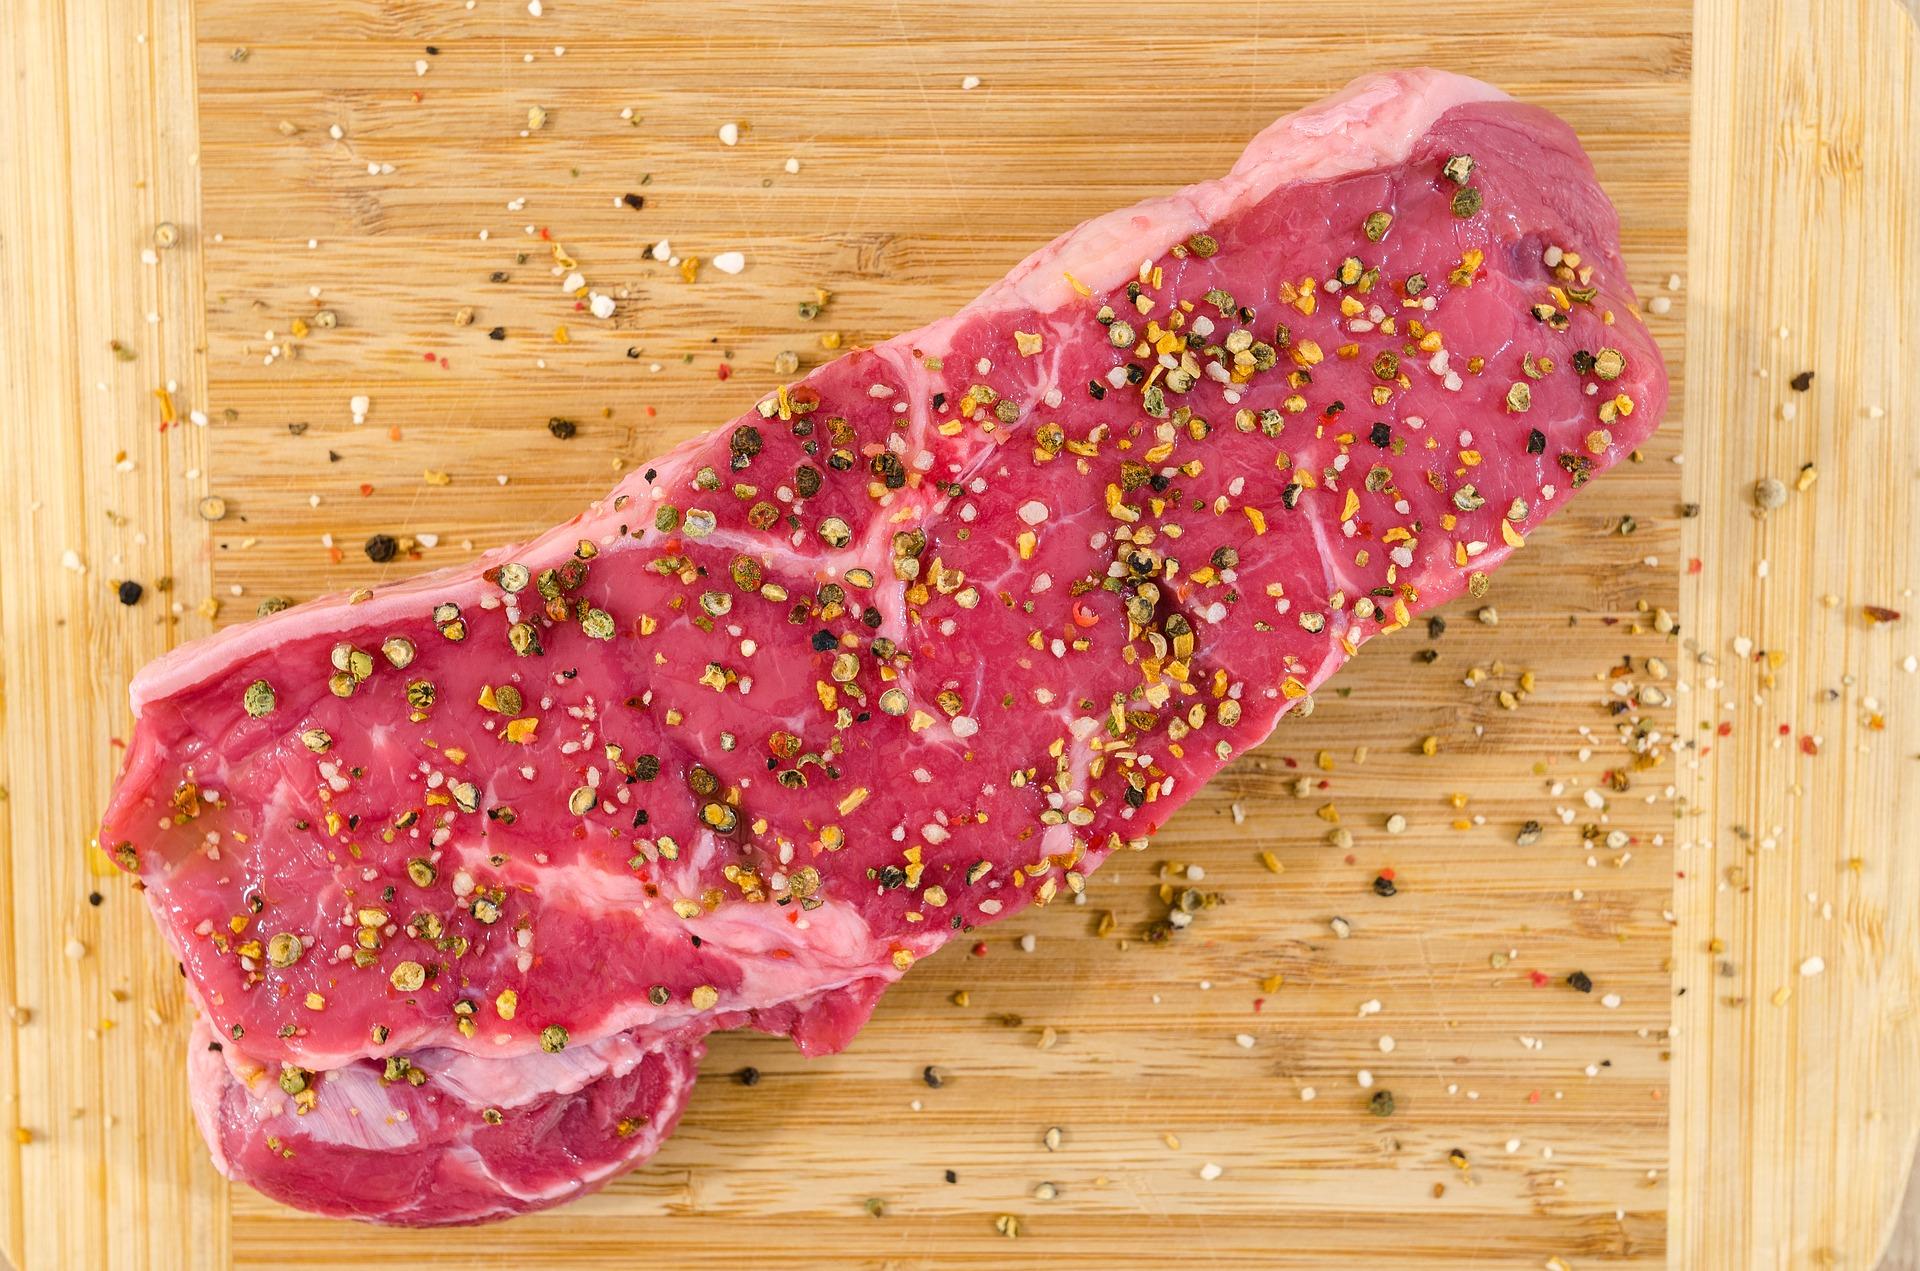 バーベキュー(BBQ)必須食材!お肉の必要な量と合う種類は?